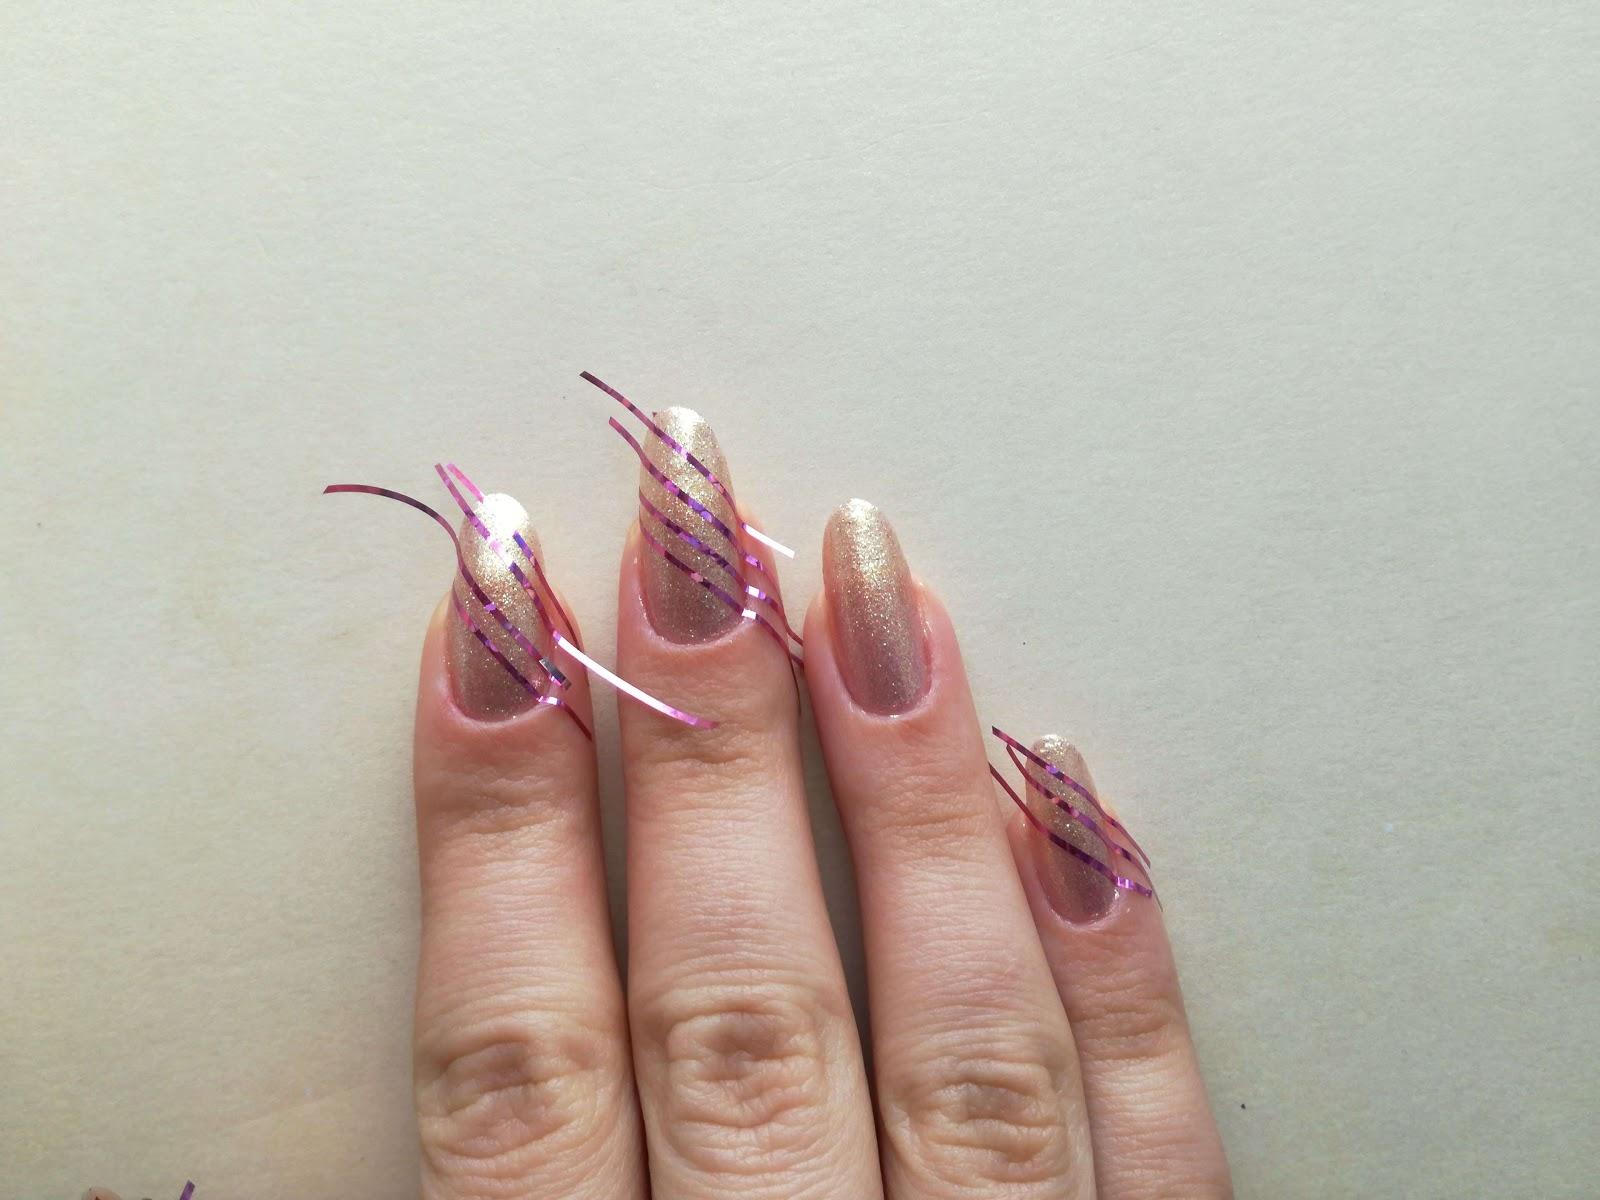 naklejone paseczki na paznokciach